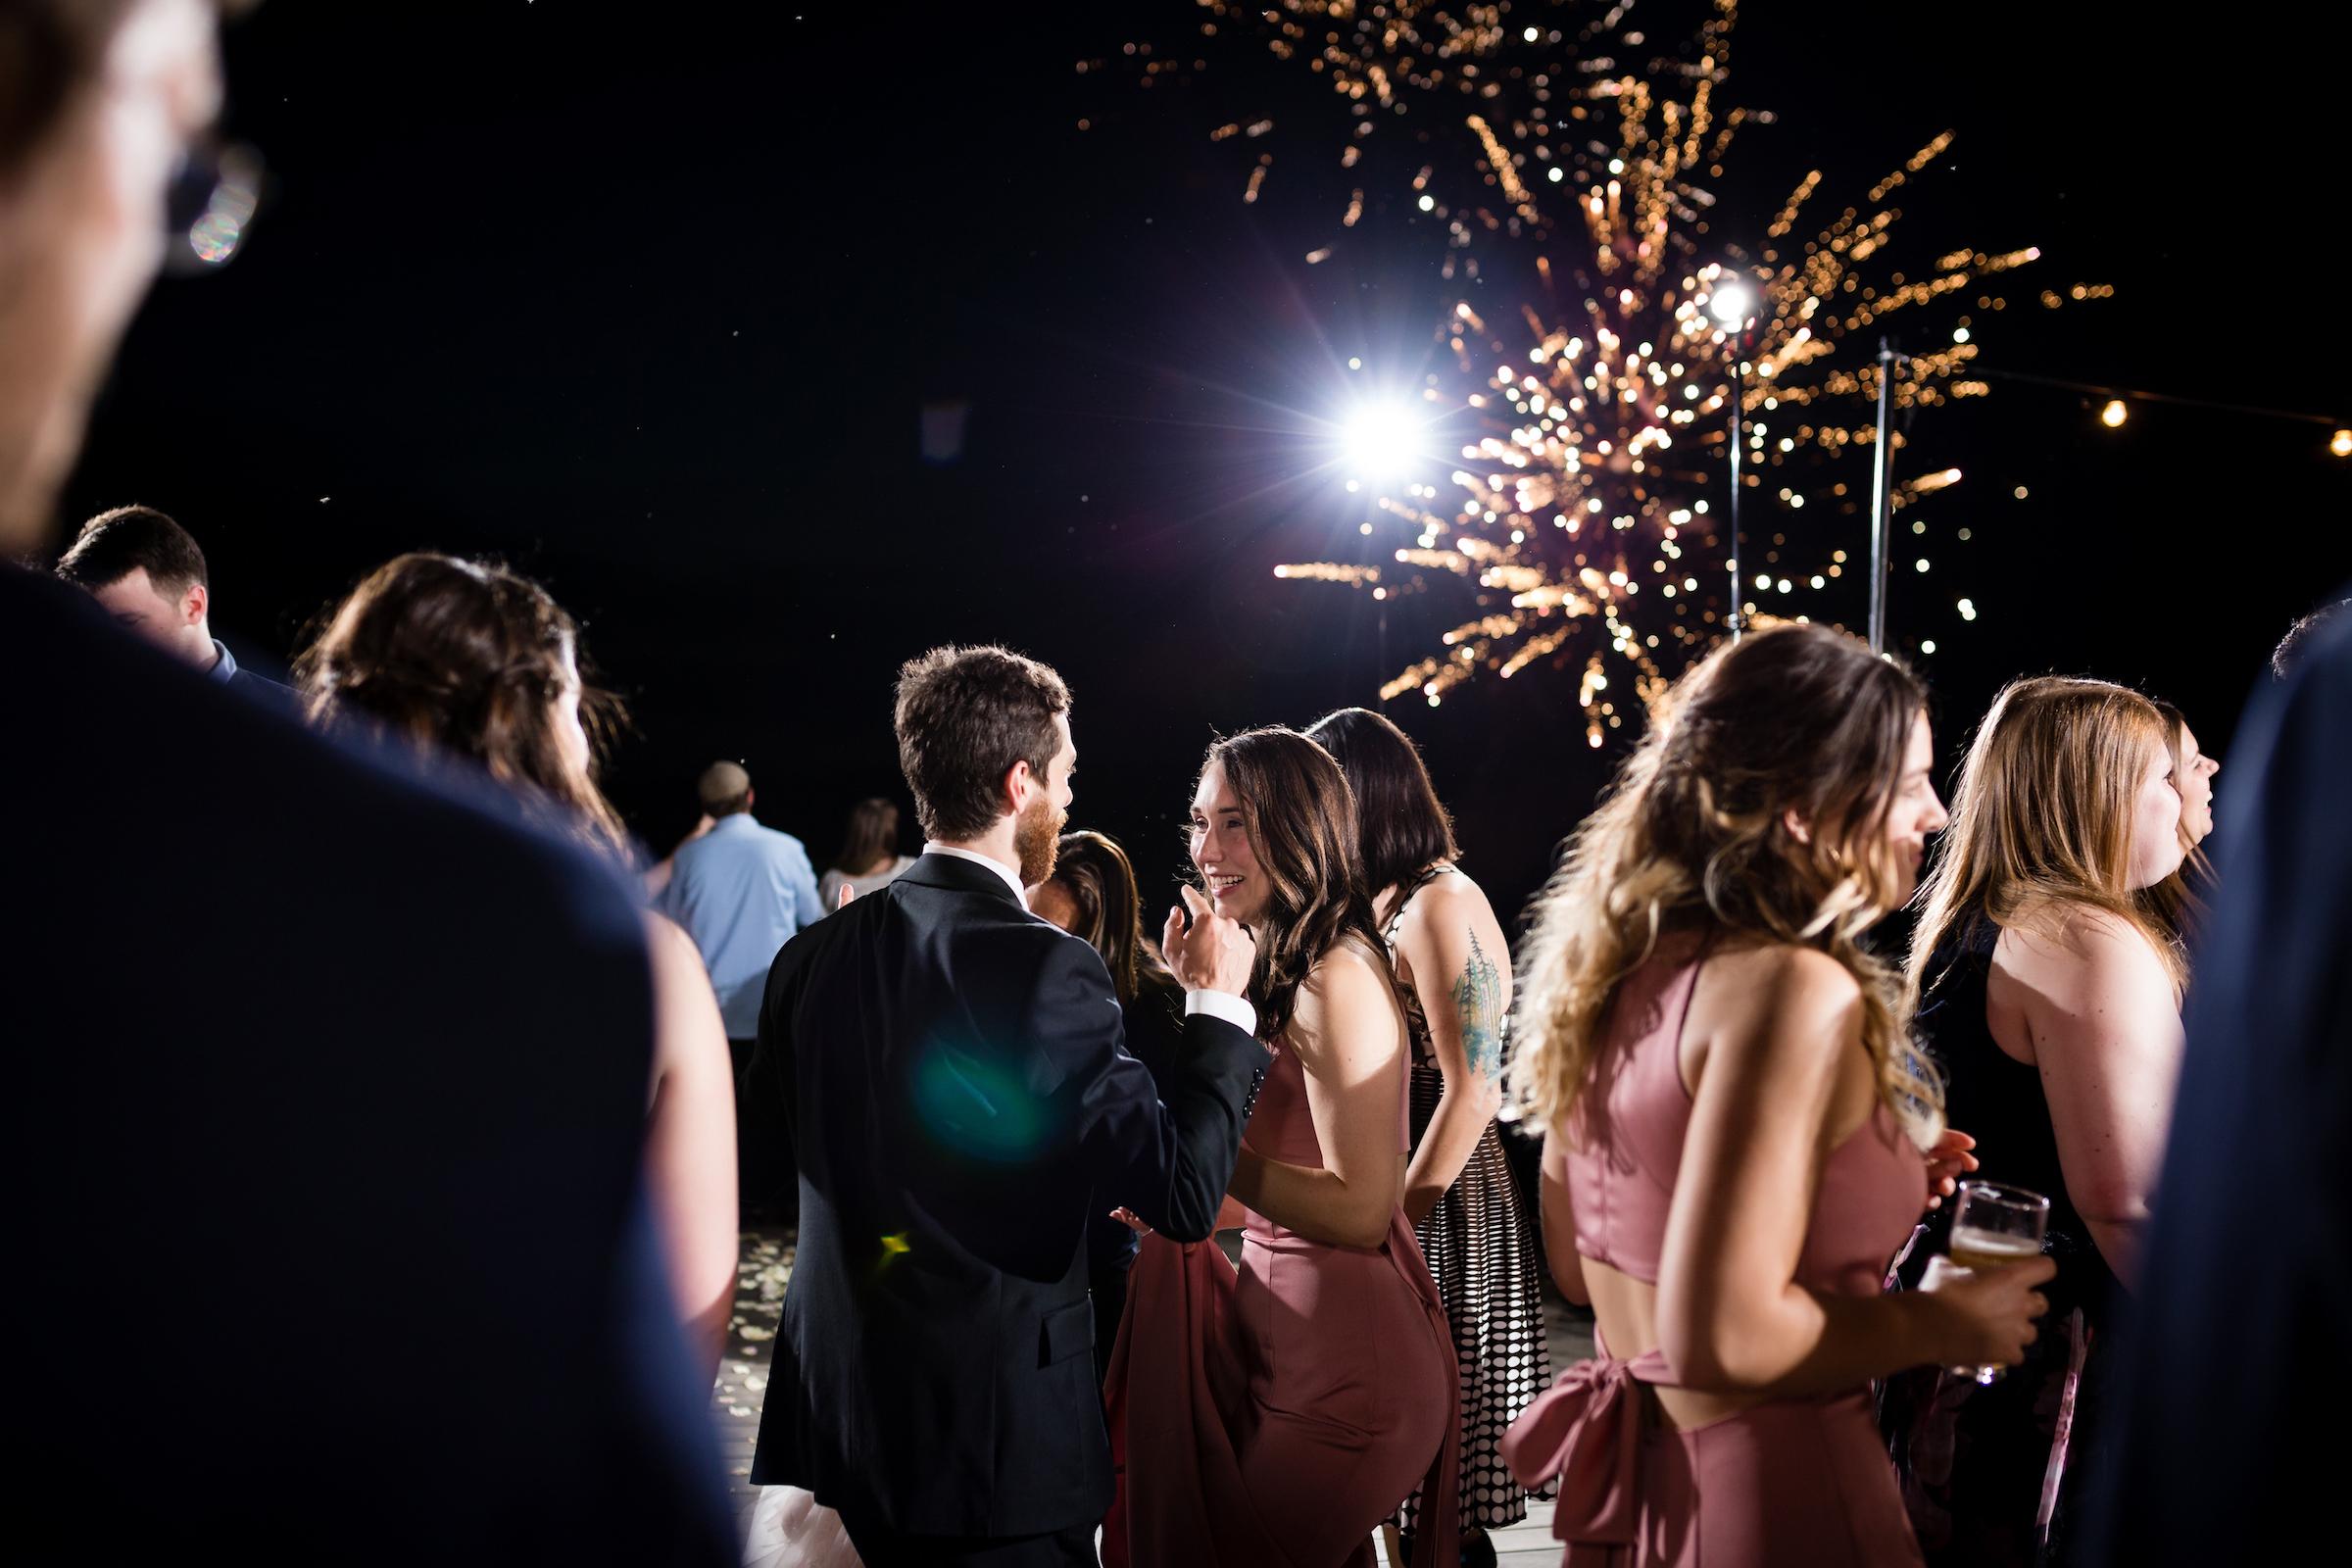 brielle-davis-events-kairos-photography-chandler-hill-wedding-dancing-654.jpg